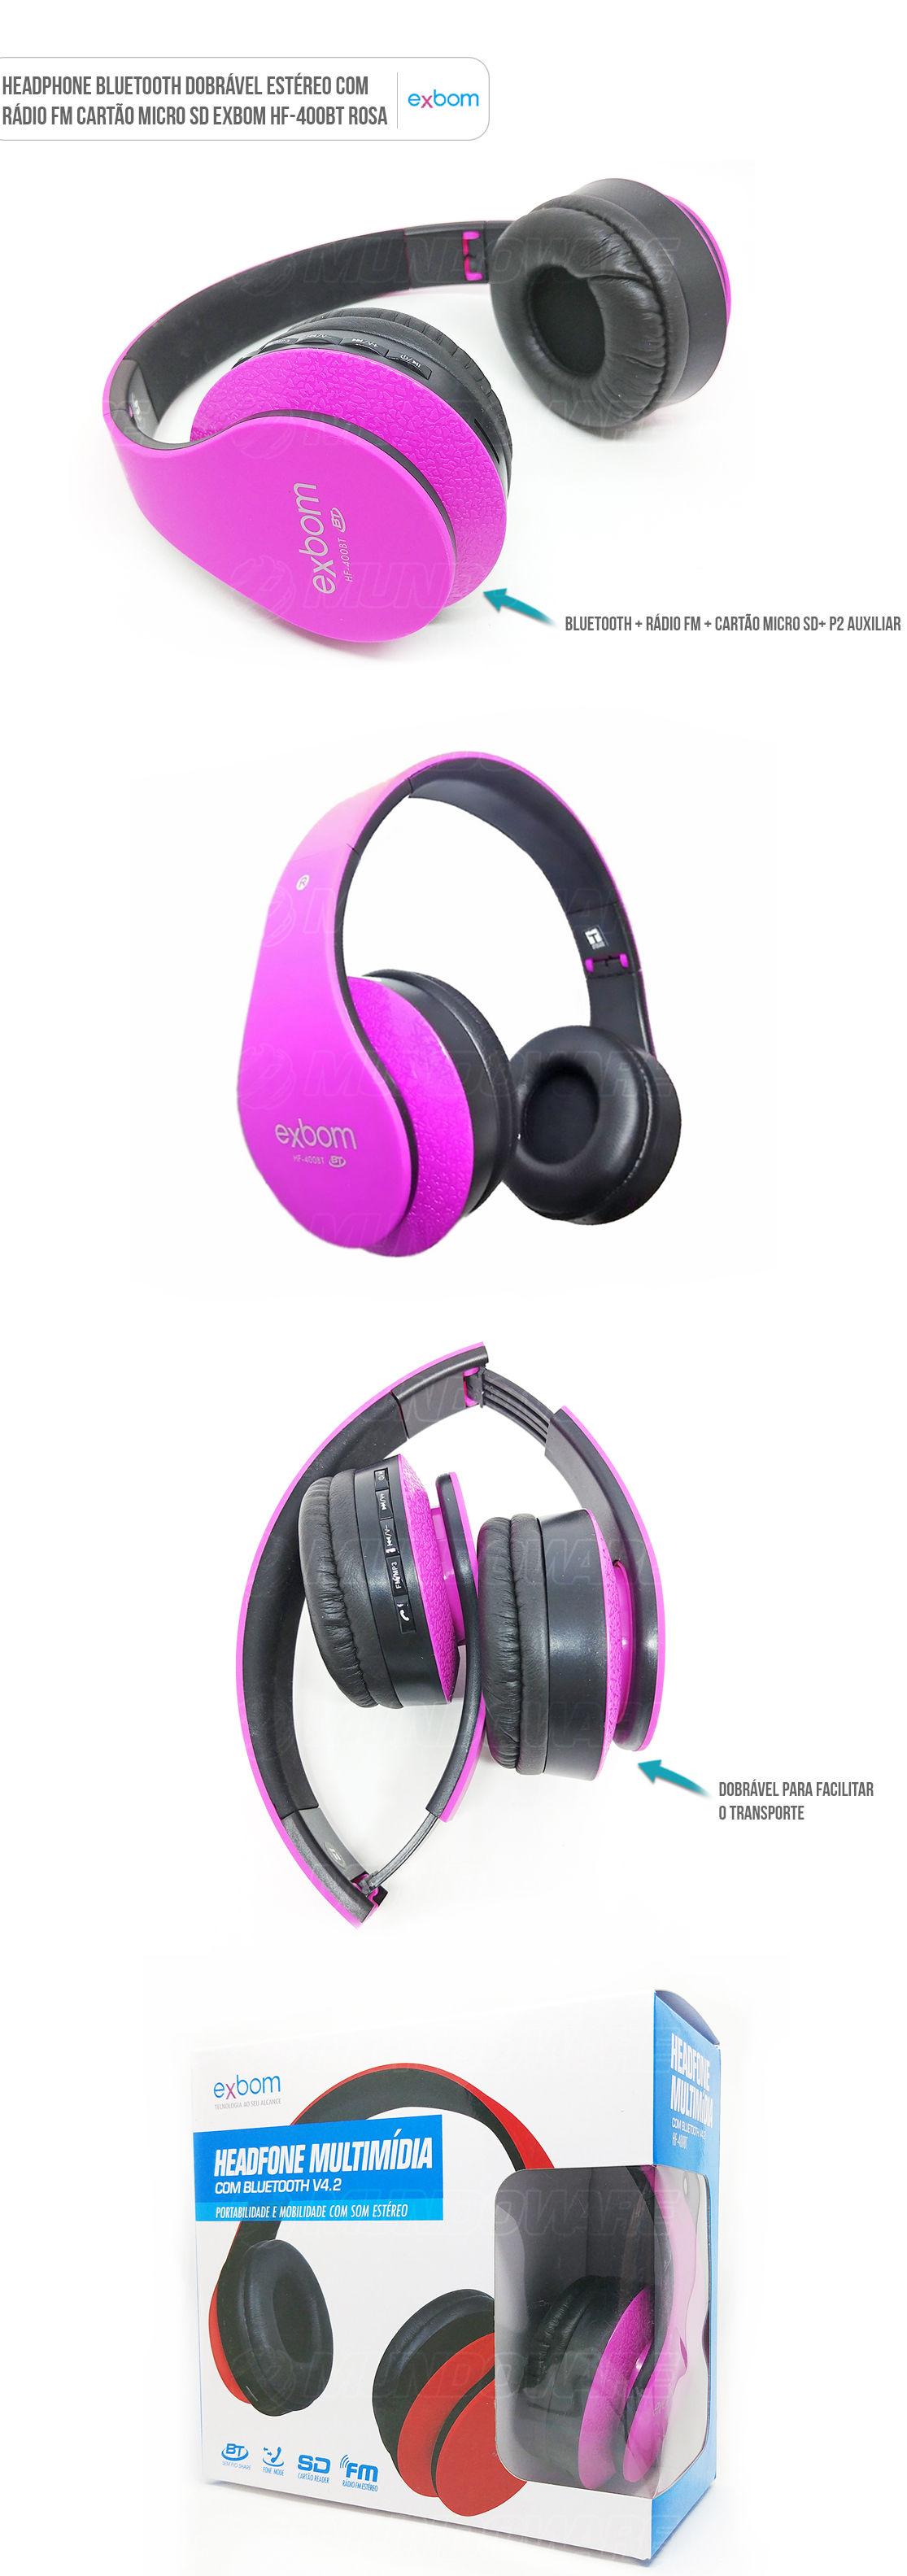 Headfone sem fio dobrável com FM SD Card Exbom HF400BR Bluetooth